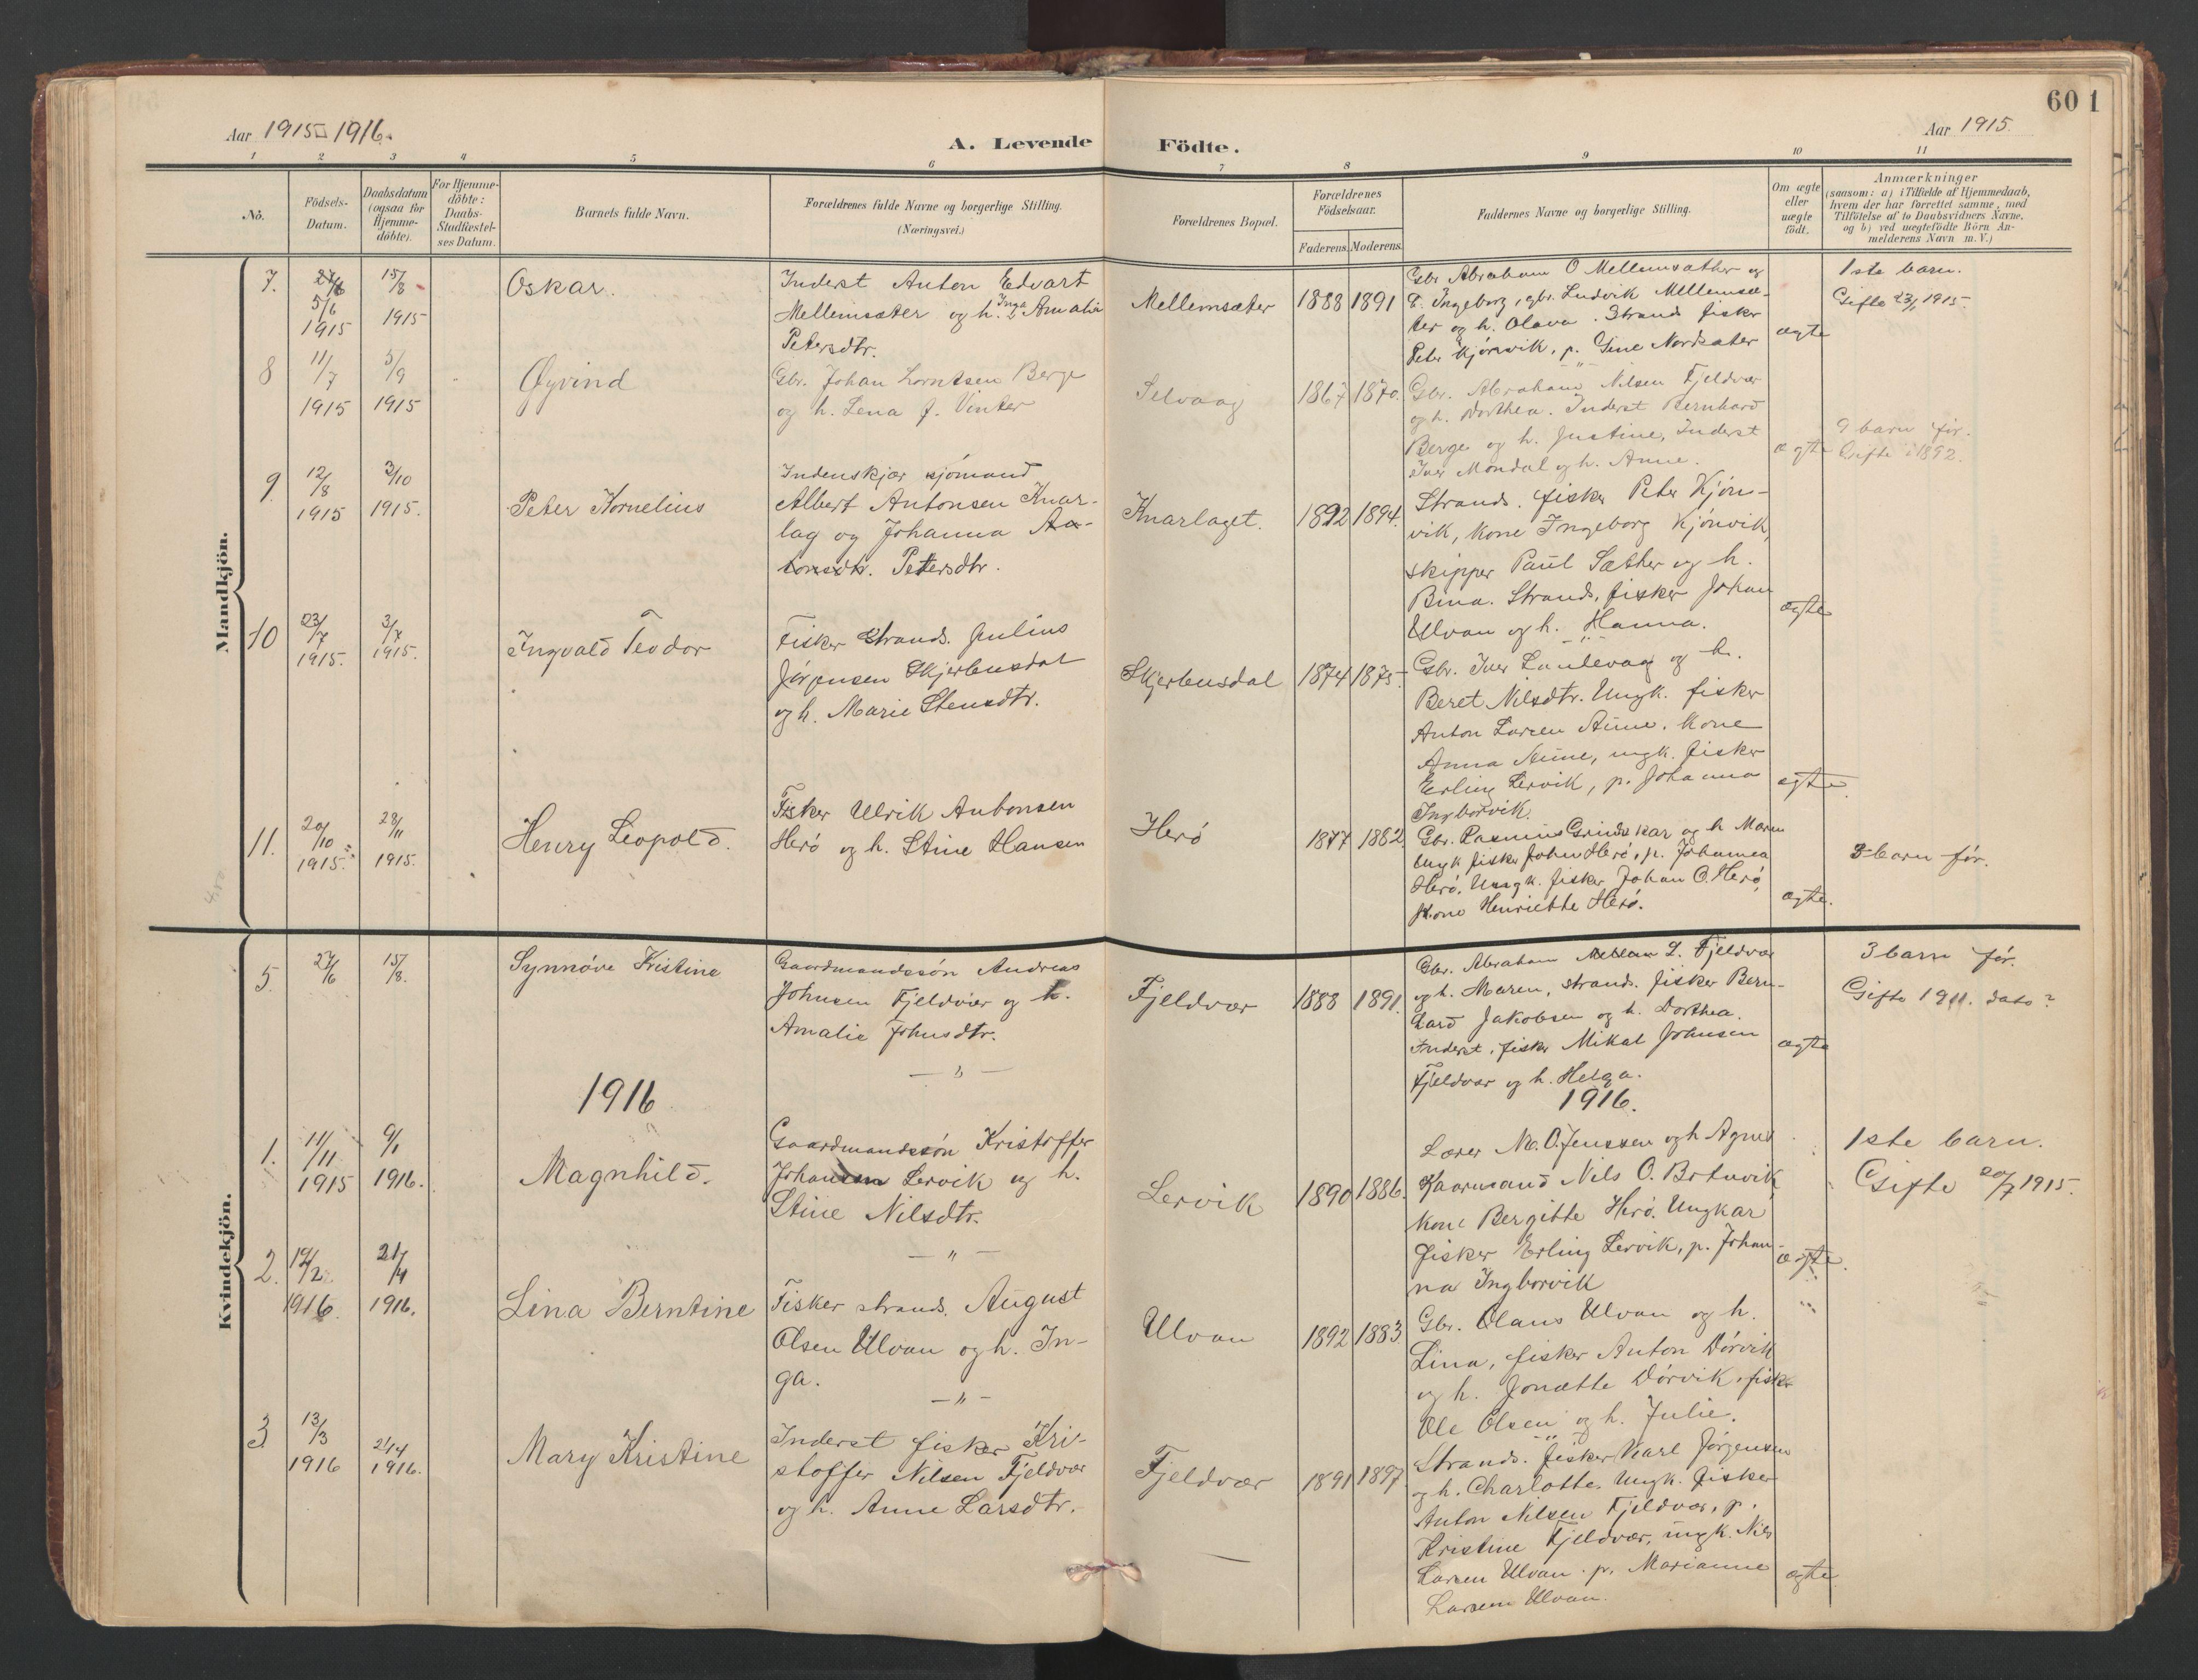 SAT, Ministerialprotokoller, klokkerbøker og fødselsregistre - Sør-Trøndelag, 638/L0571: Klokkerbok nr. 638C03, 1901-1930, s. 60